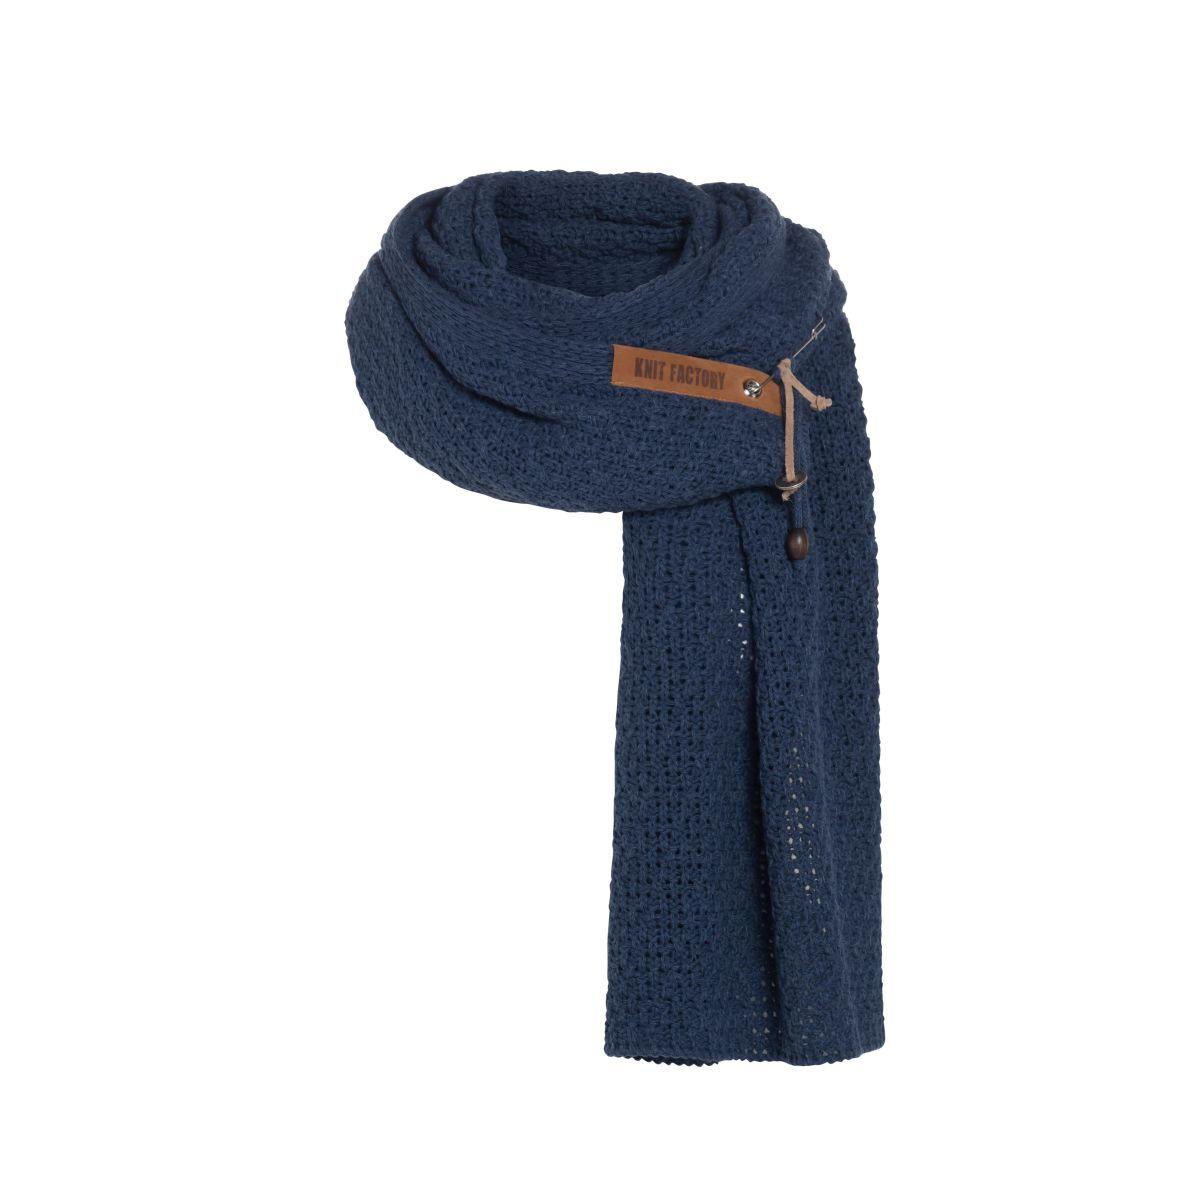 knit factory 1336513 luna sjaal jeans 4